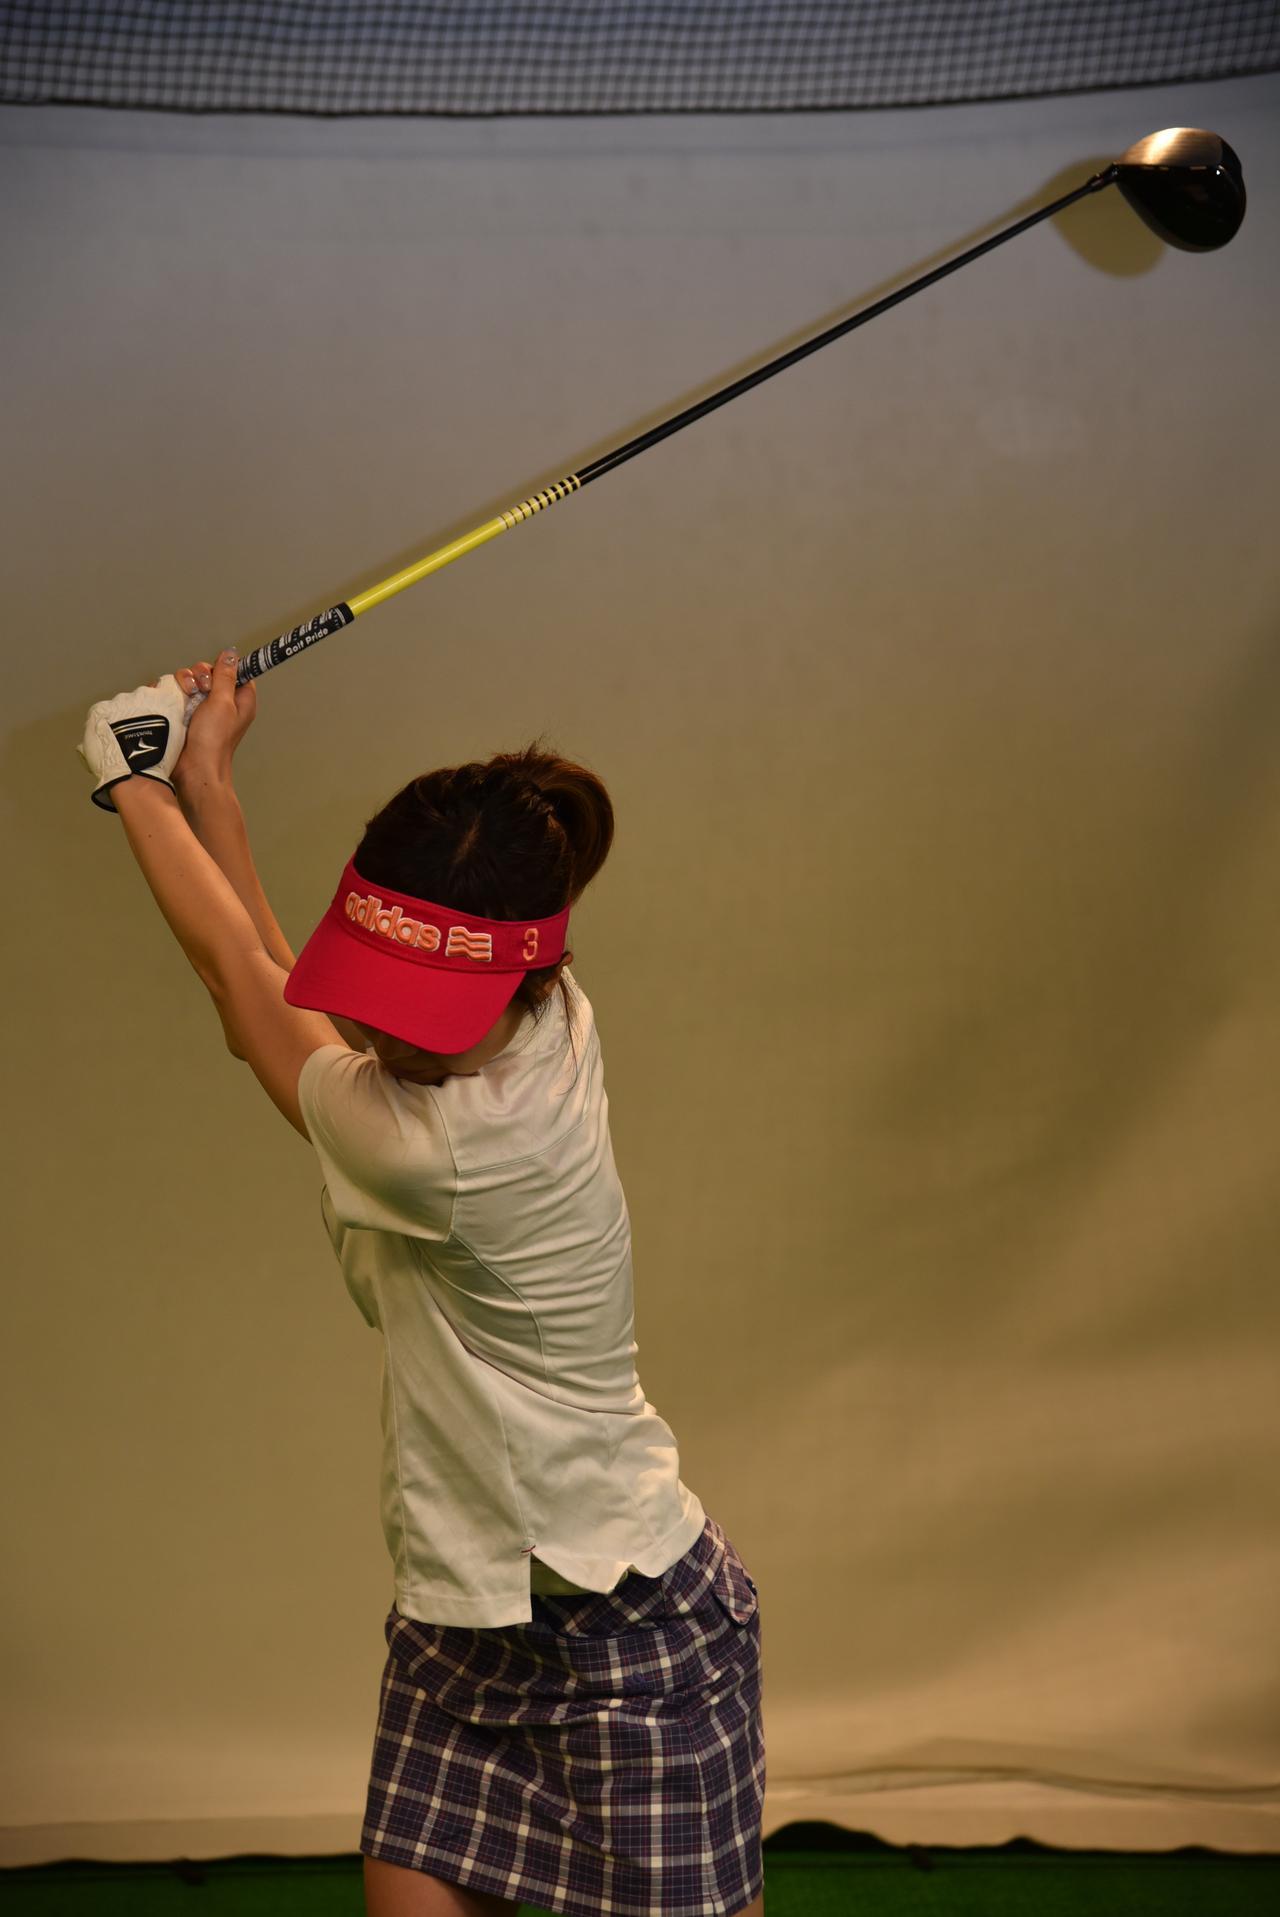 画像: こちらが良い例。胸がターゲットの逆方向を向き、左肩が顔の前にまで来ている